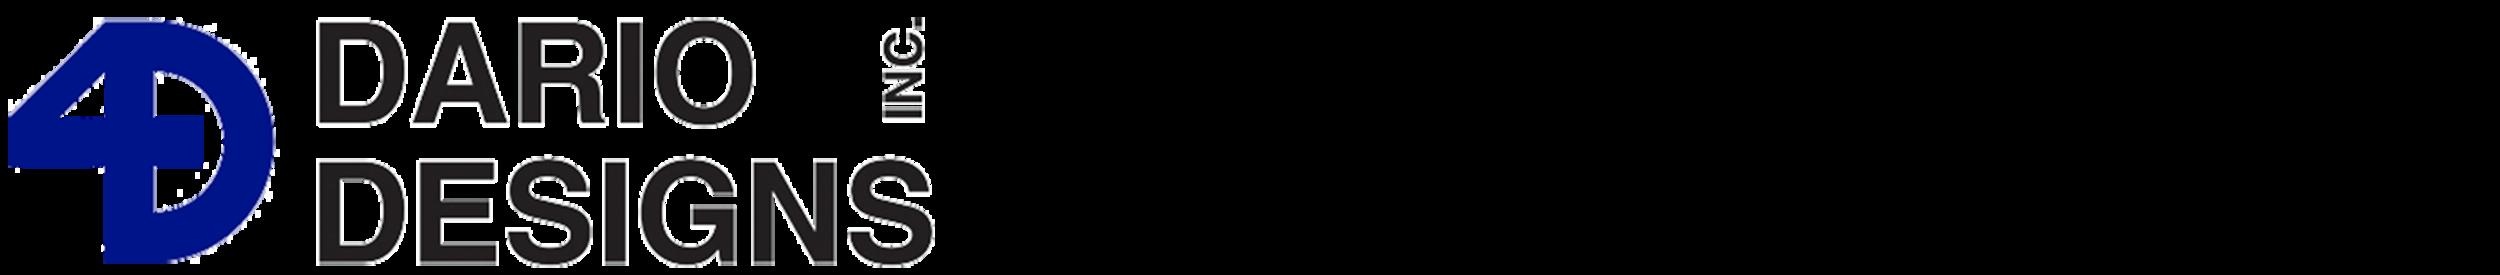 4D-DarioDesignsInc - 40x4 - new test.png